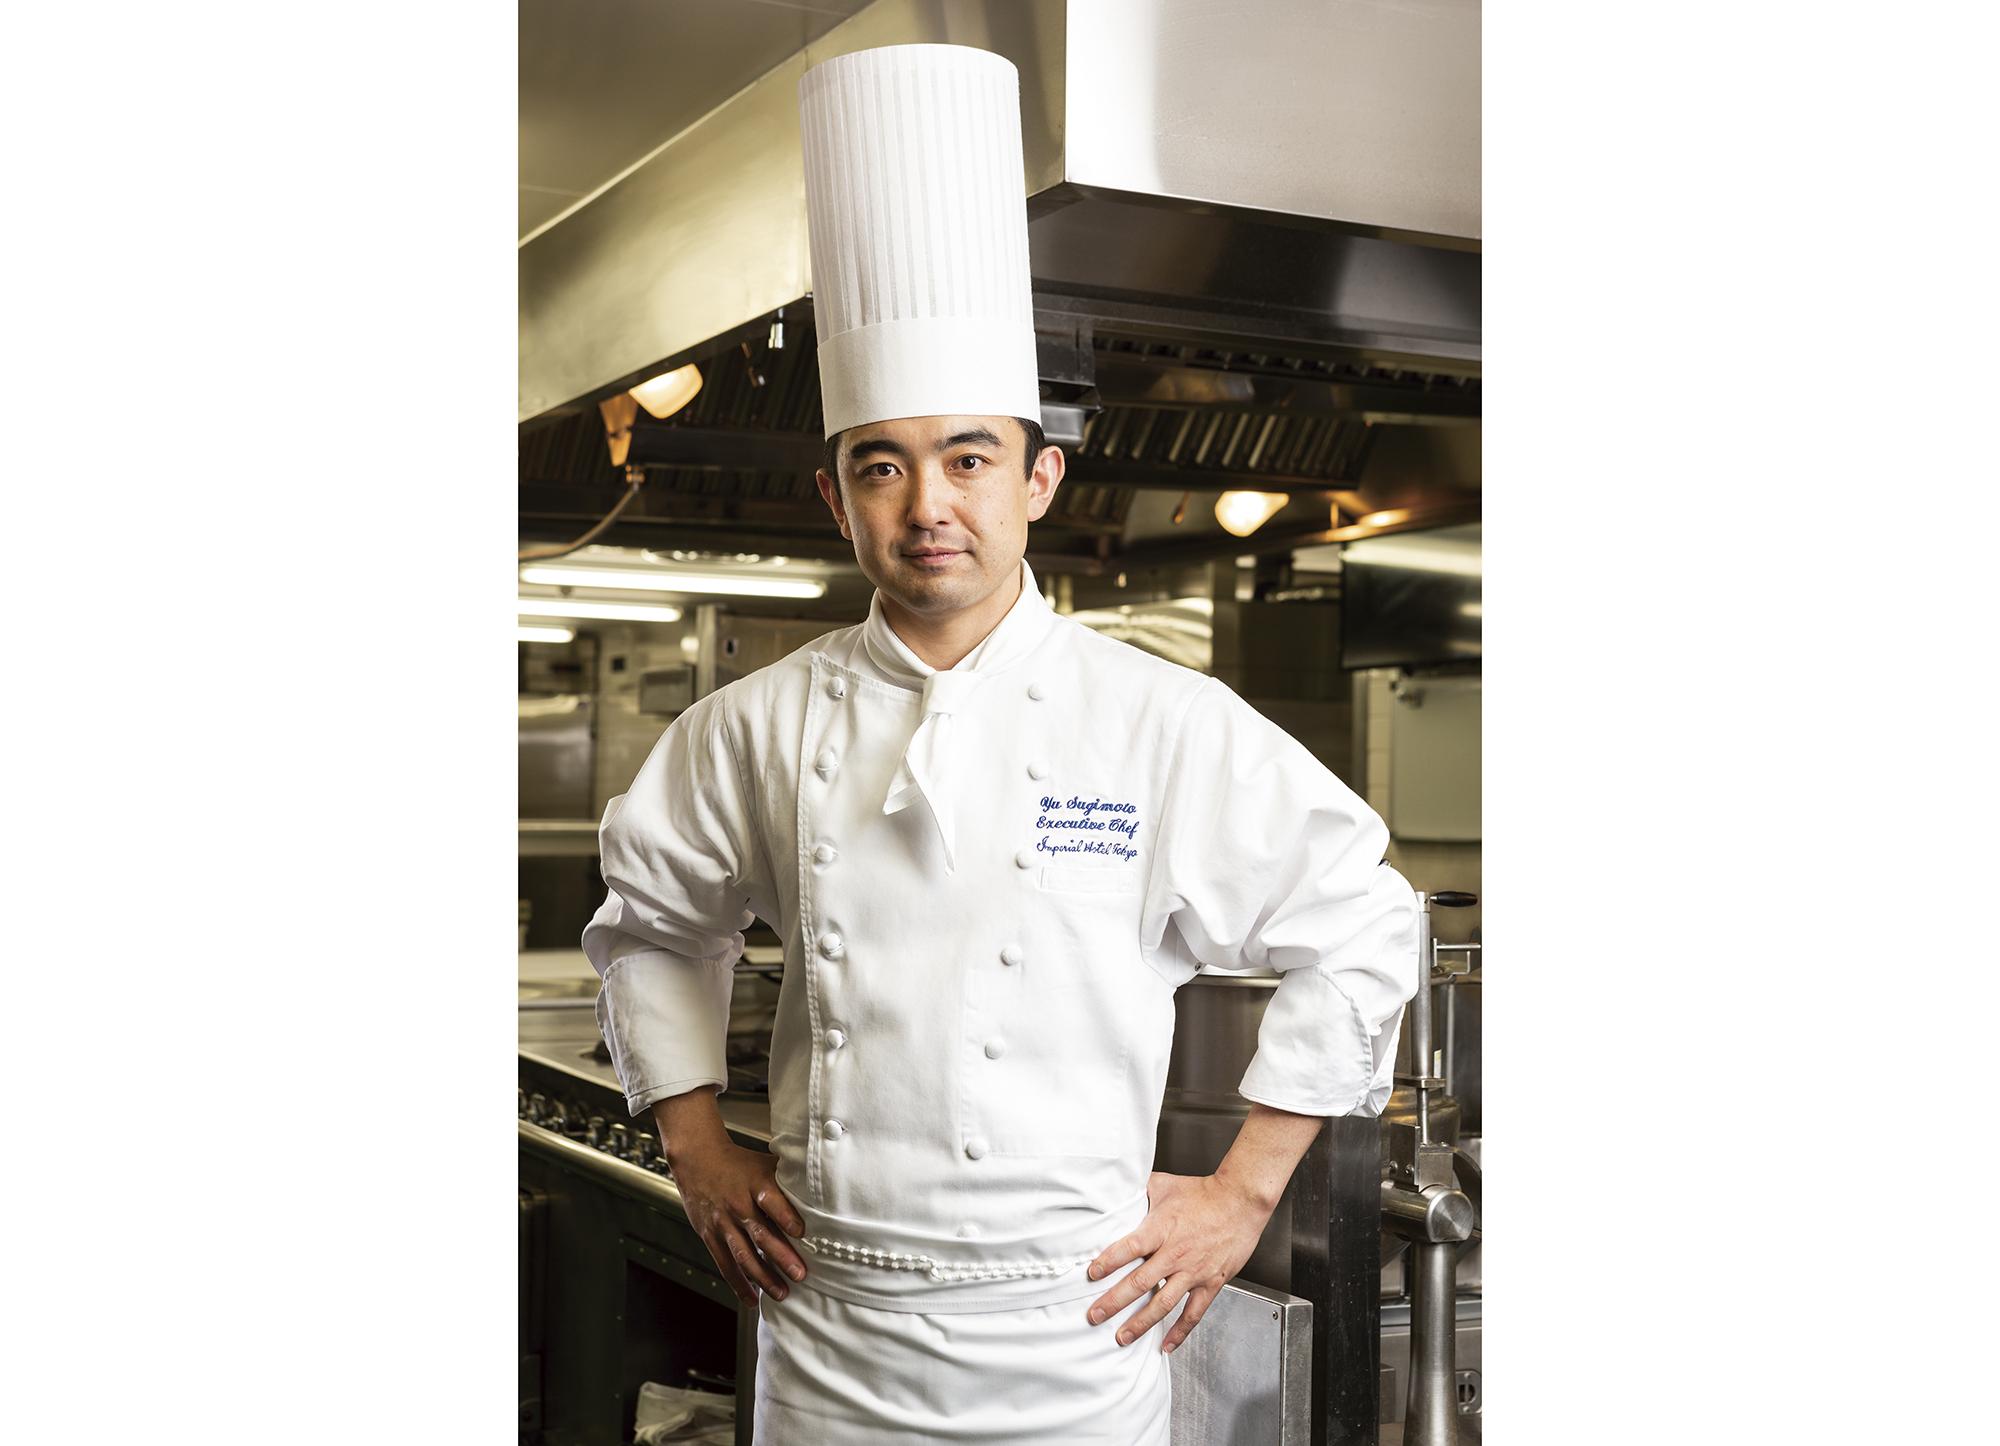 第14代帝国ホテル 東京料理長・杉本雄氏。フランスで13年間修業し、ヤニック・アレノ氏とアラン・デュカス氏から哲学や技術を直に学んだ日本のフレンチ界を牽引する存在だ。